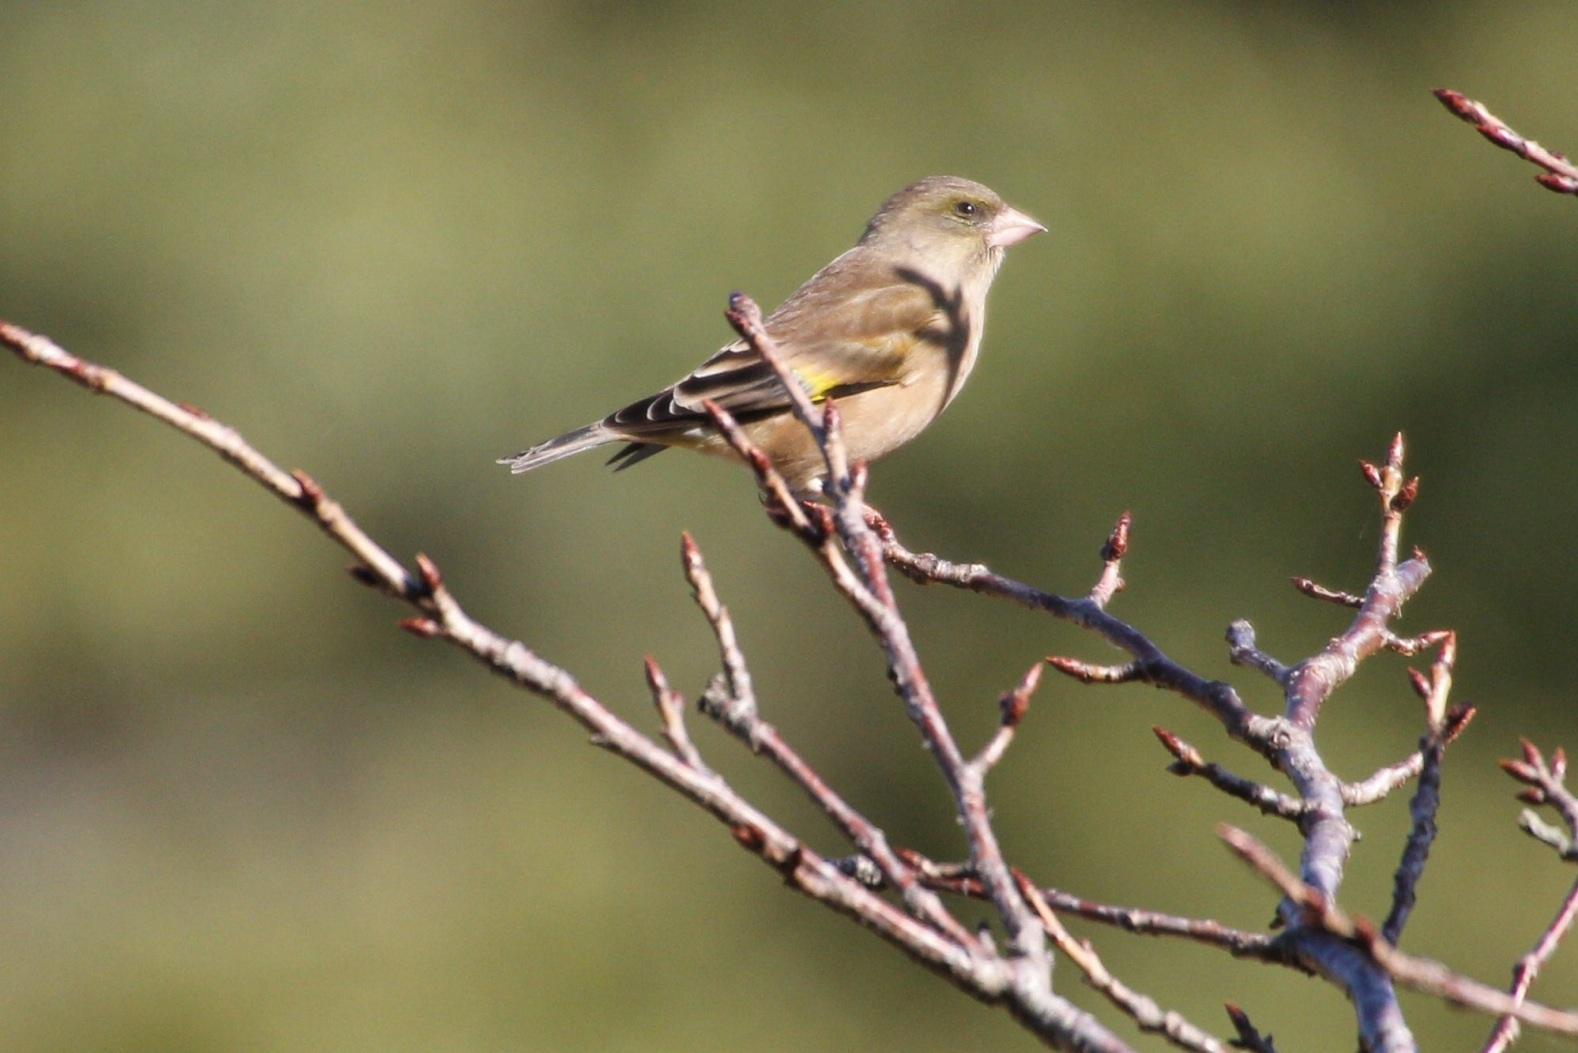 2013.11.27 冬鳥やっぱり少ないです・里山公園・ジョウビタキ、カワラヒワ、ノスリ_c0269342_18033429.jpg